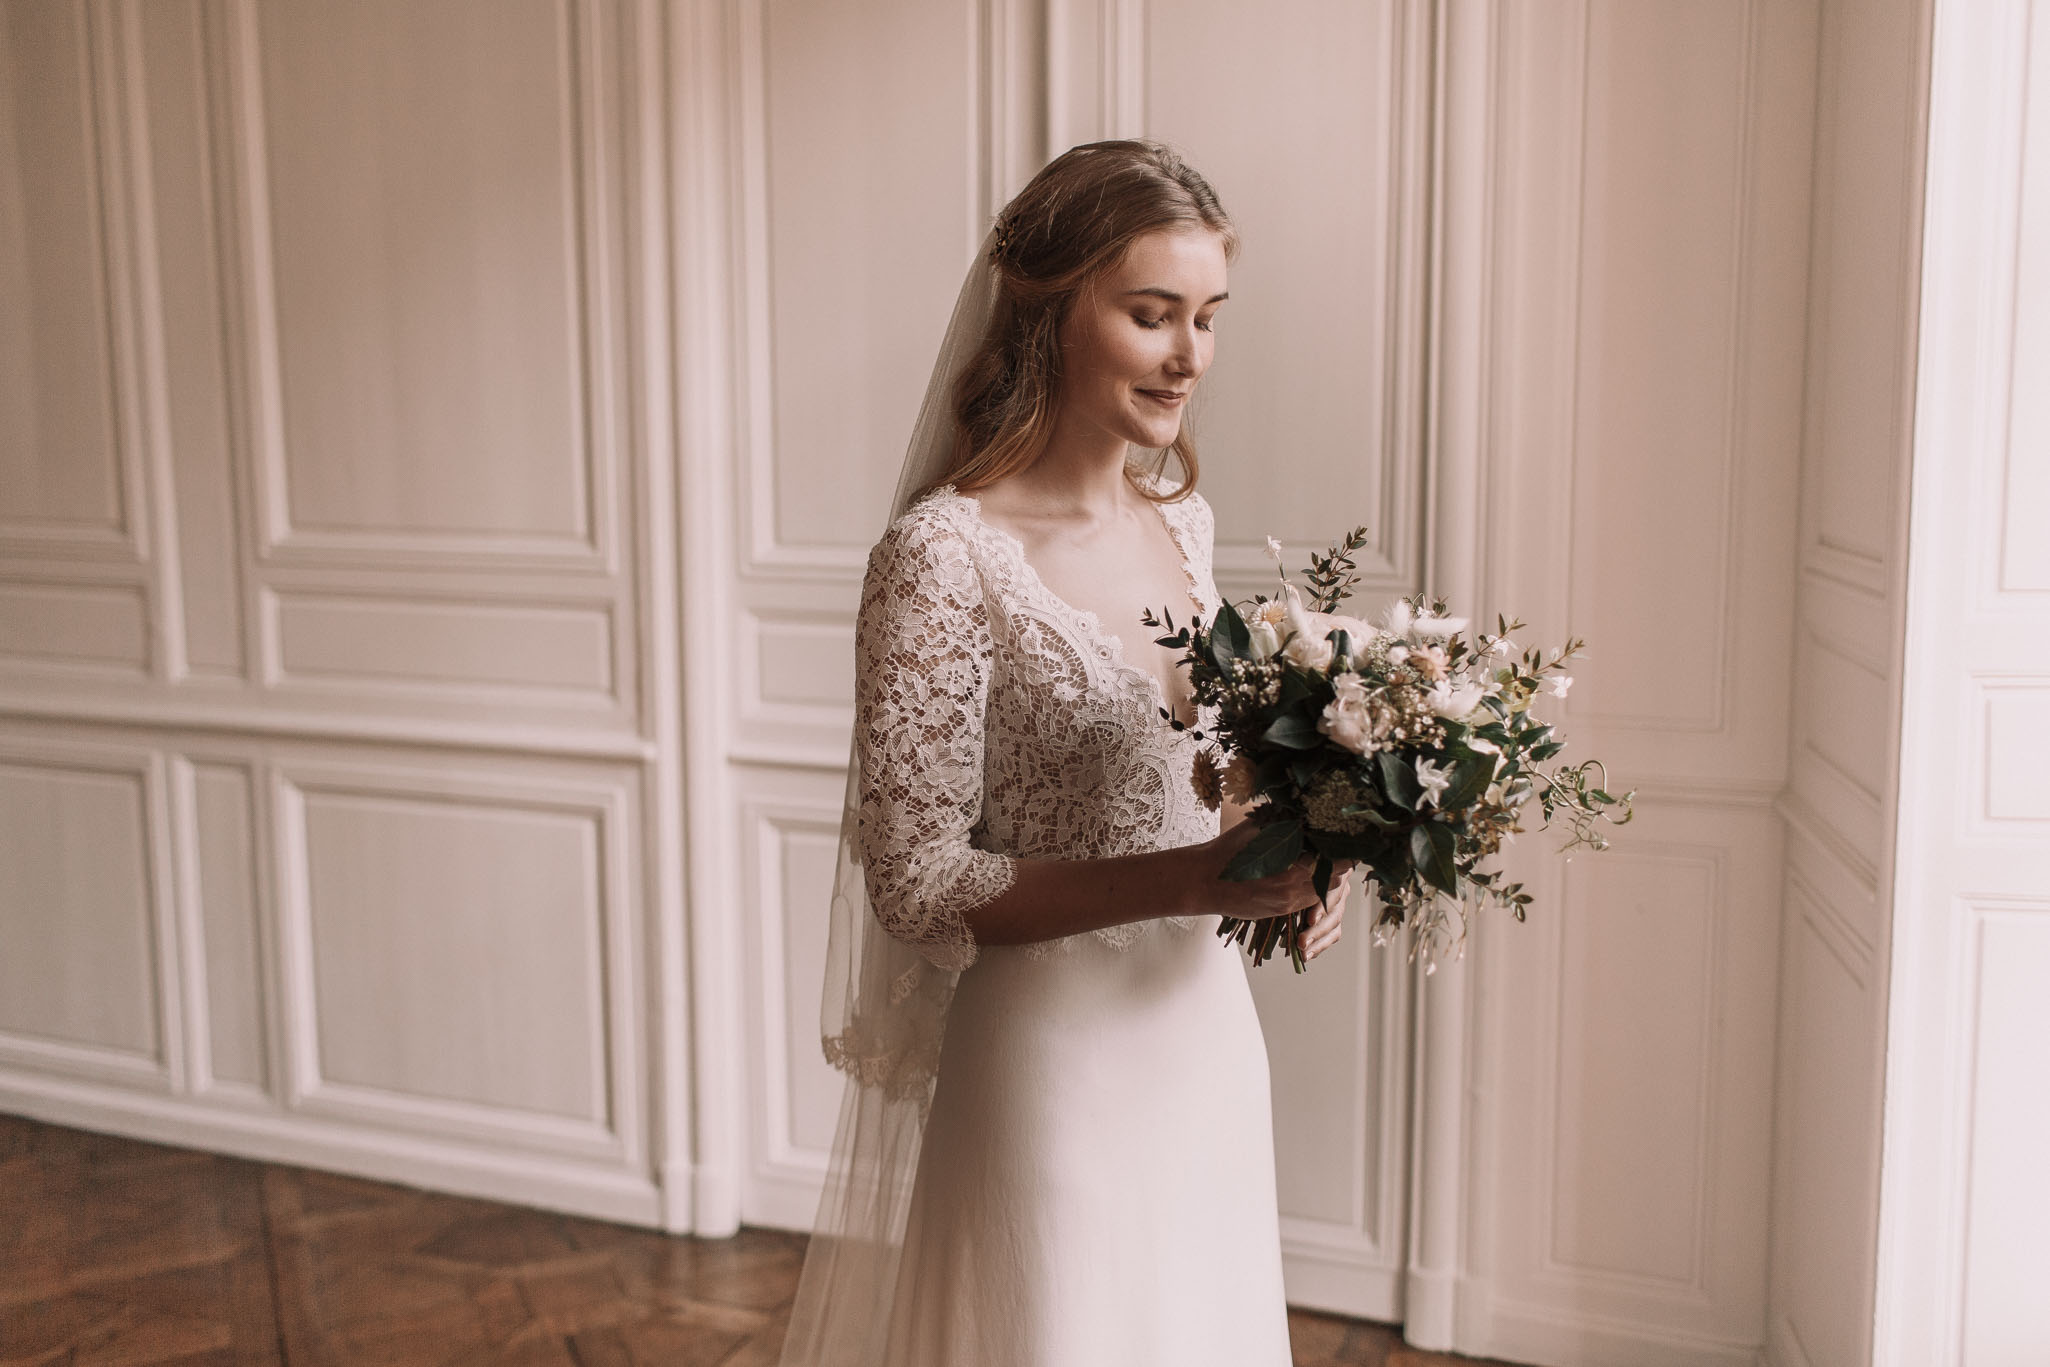 photographe-mariage-bordeaux-jeremy-boyer-white-minimal-30.jpg